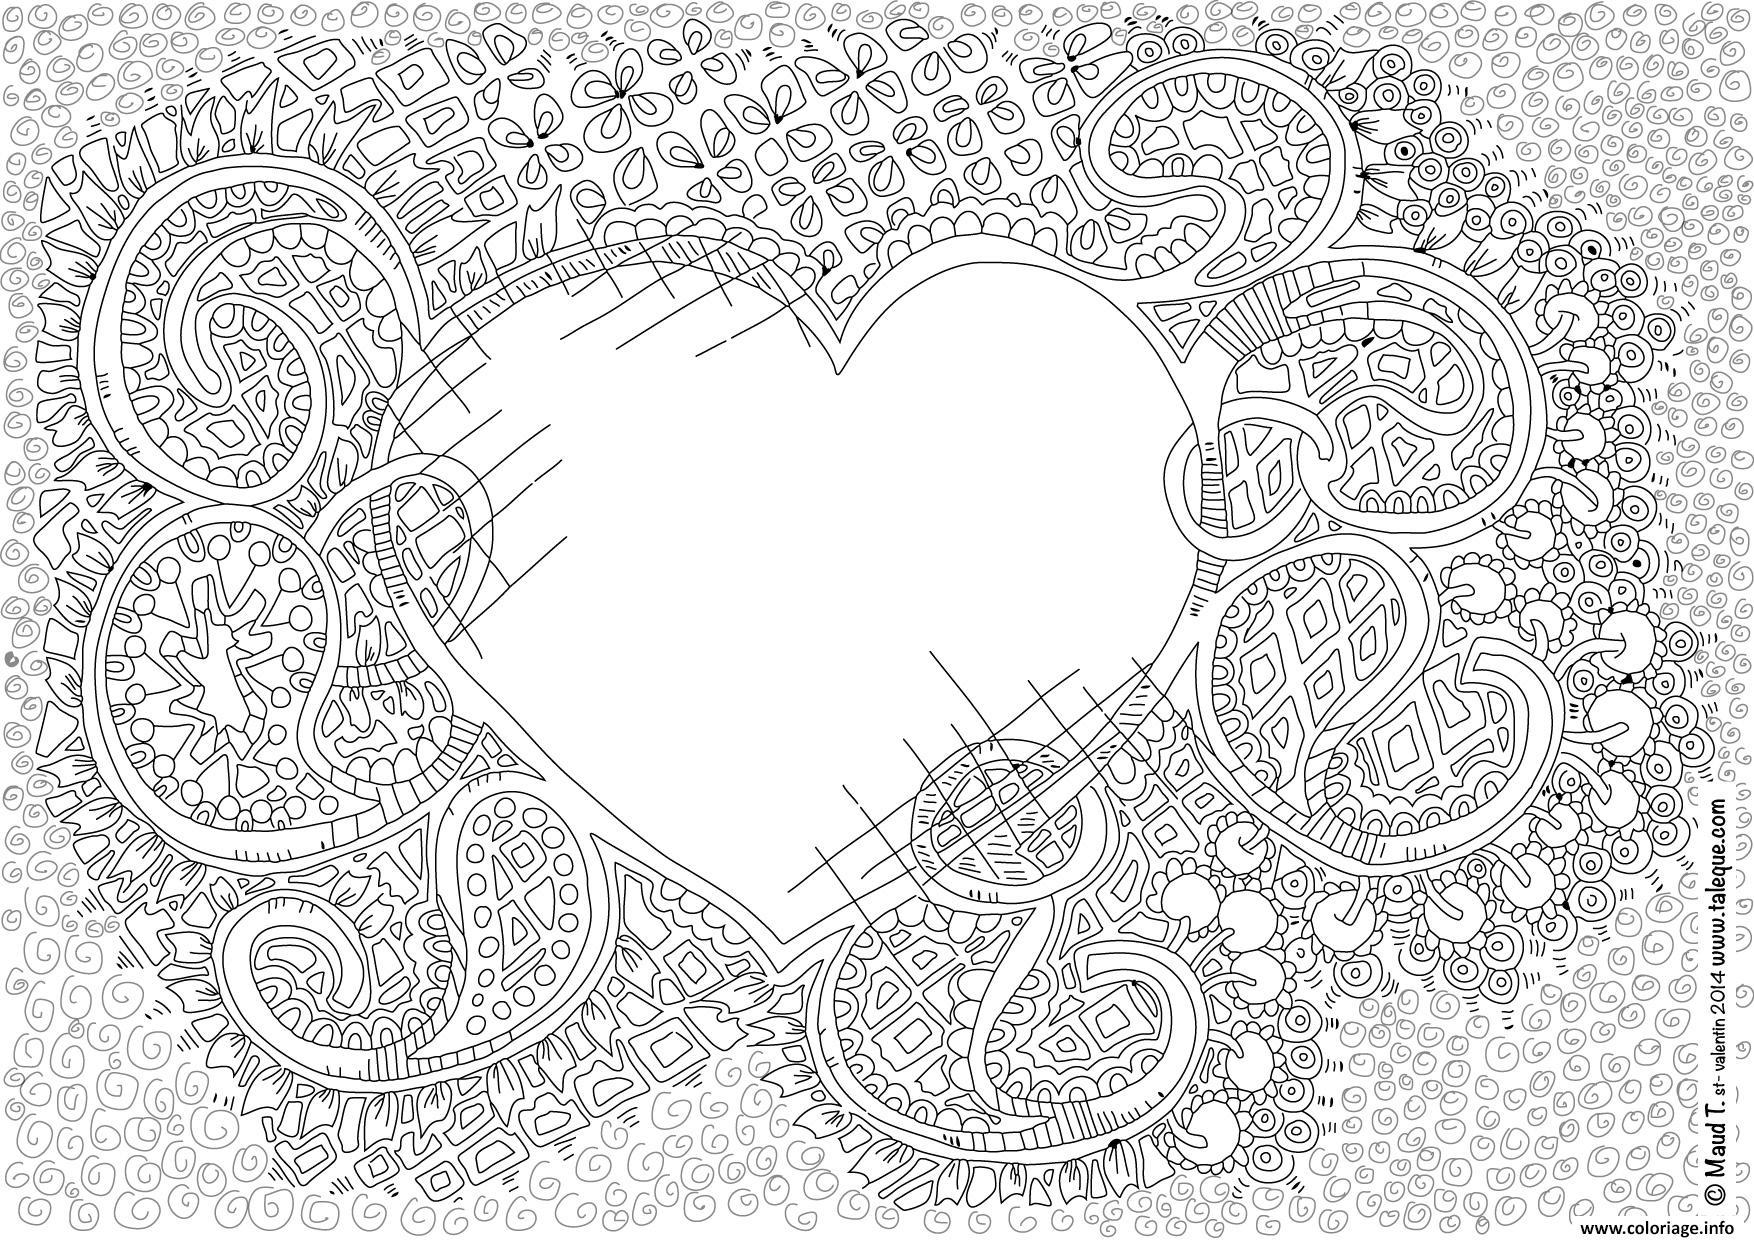 Coloriage amour adulte inspiration zen - JeColorie.com